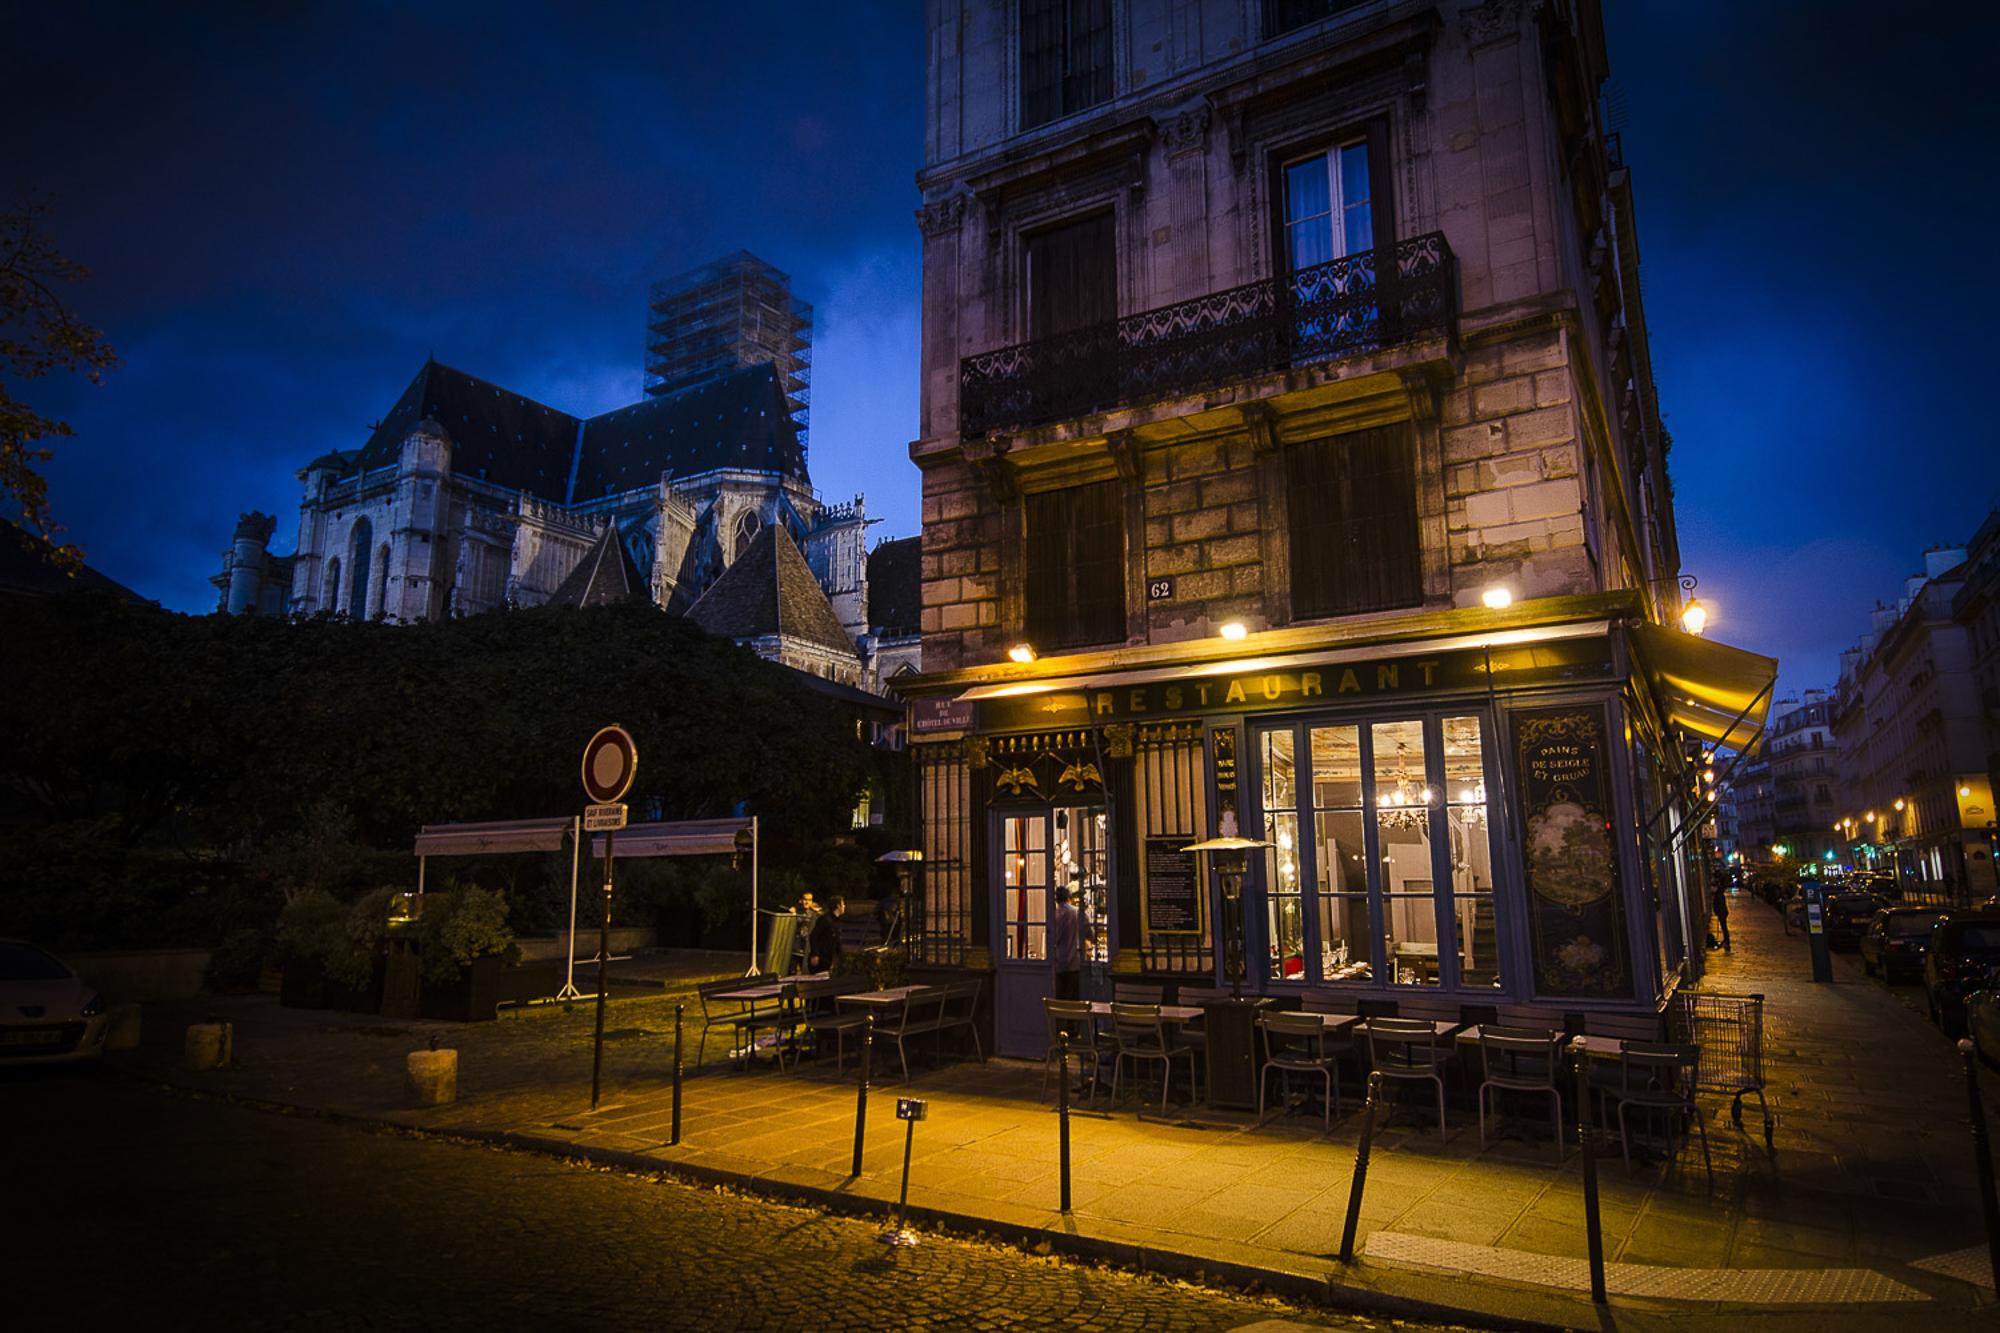 paris-night-tour-11.jpg